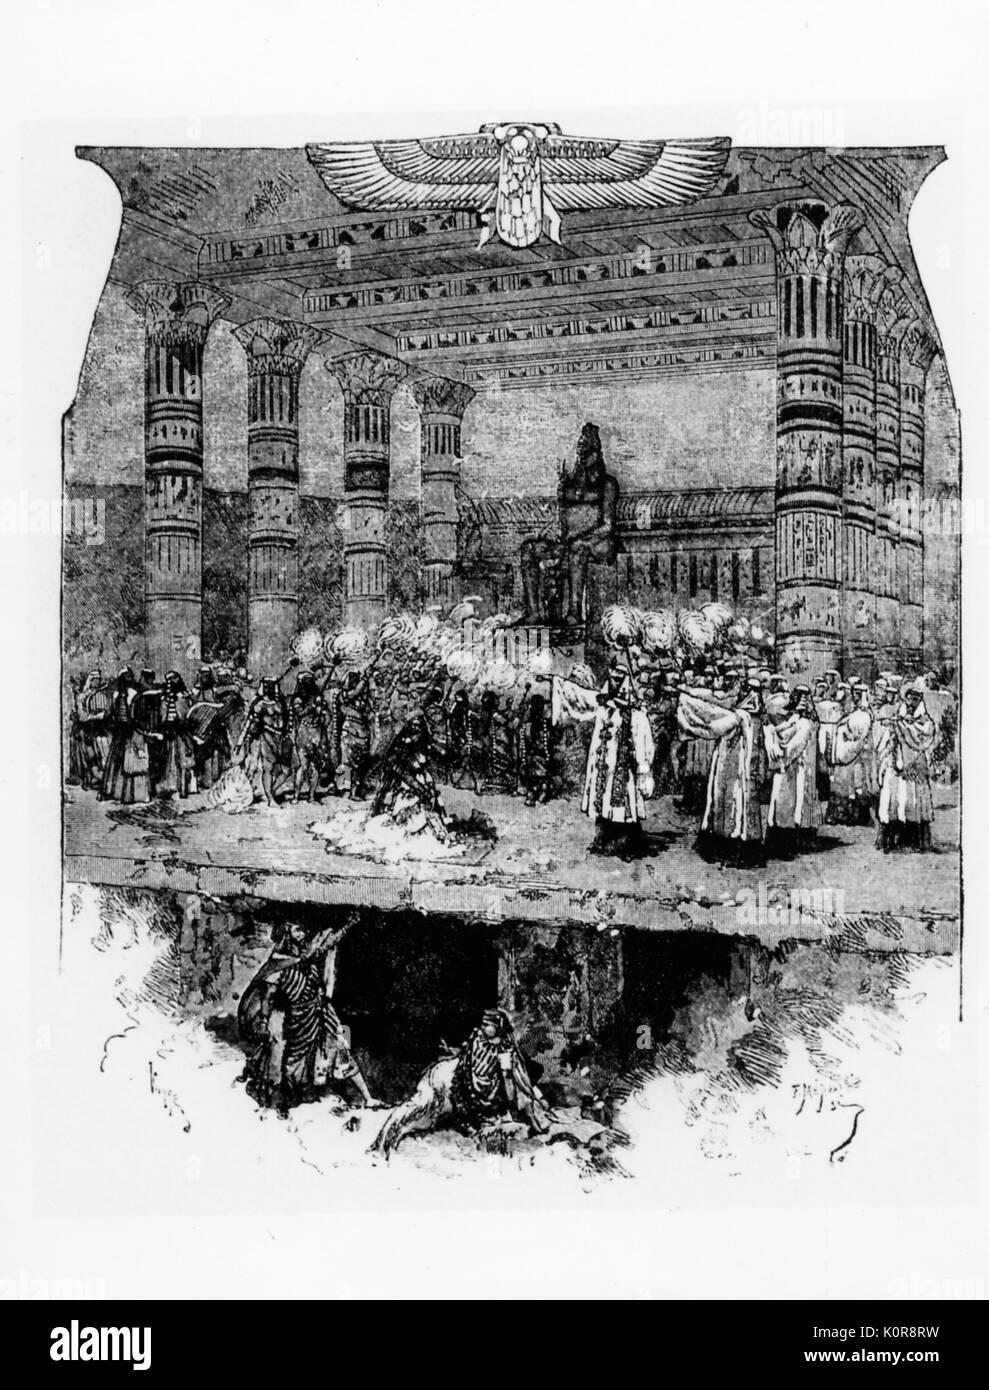 VERDI. Aida - Final scene, 1872 Sketch in 'Mondo Artistico' - Stock Image